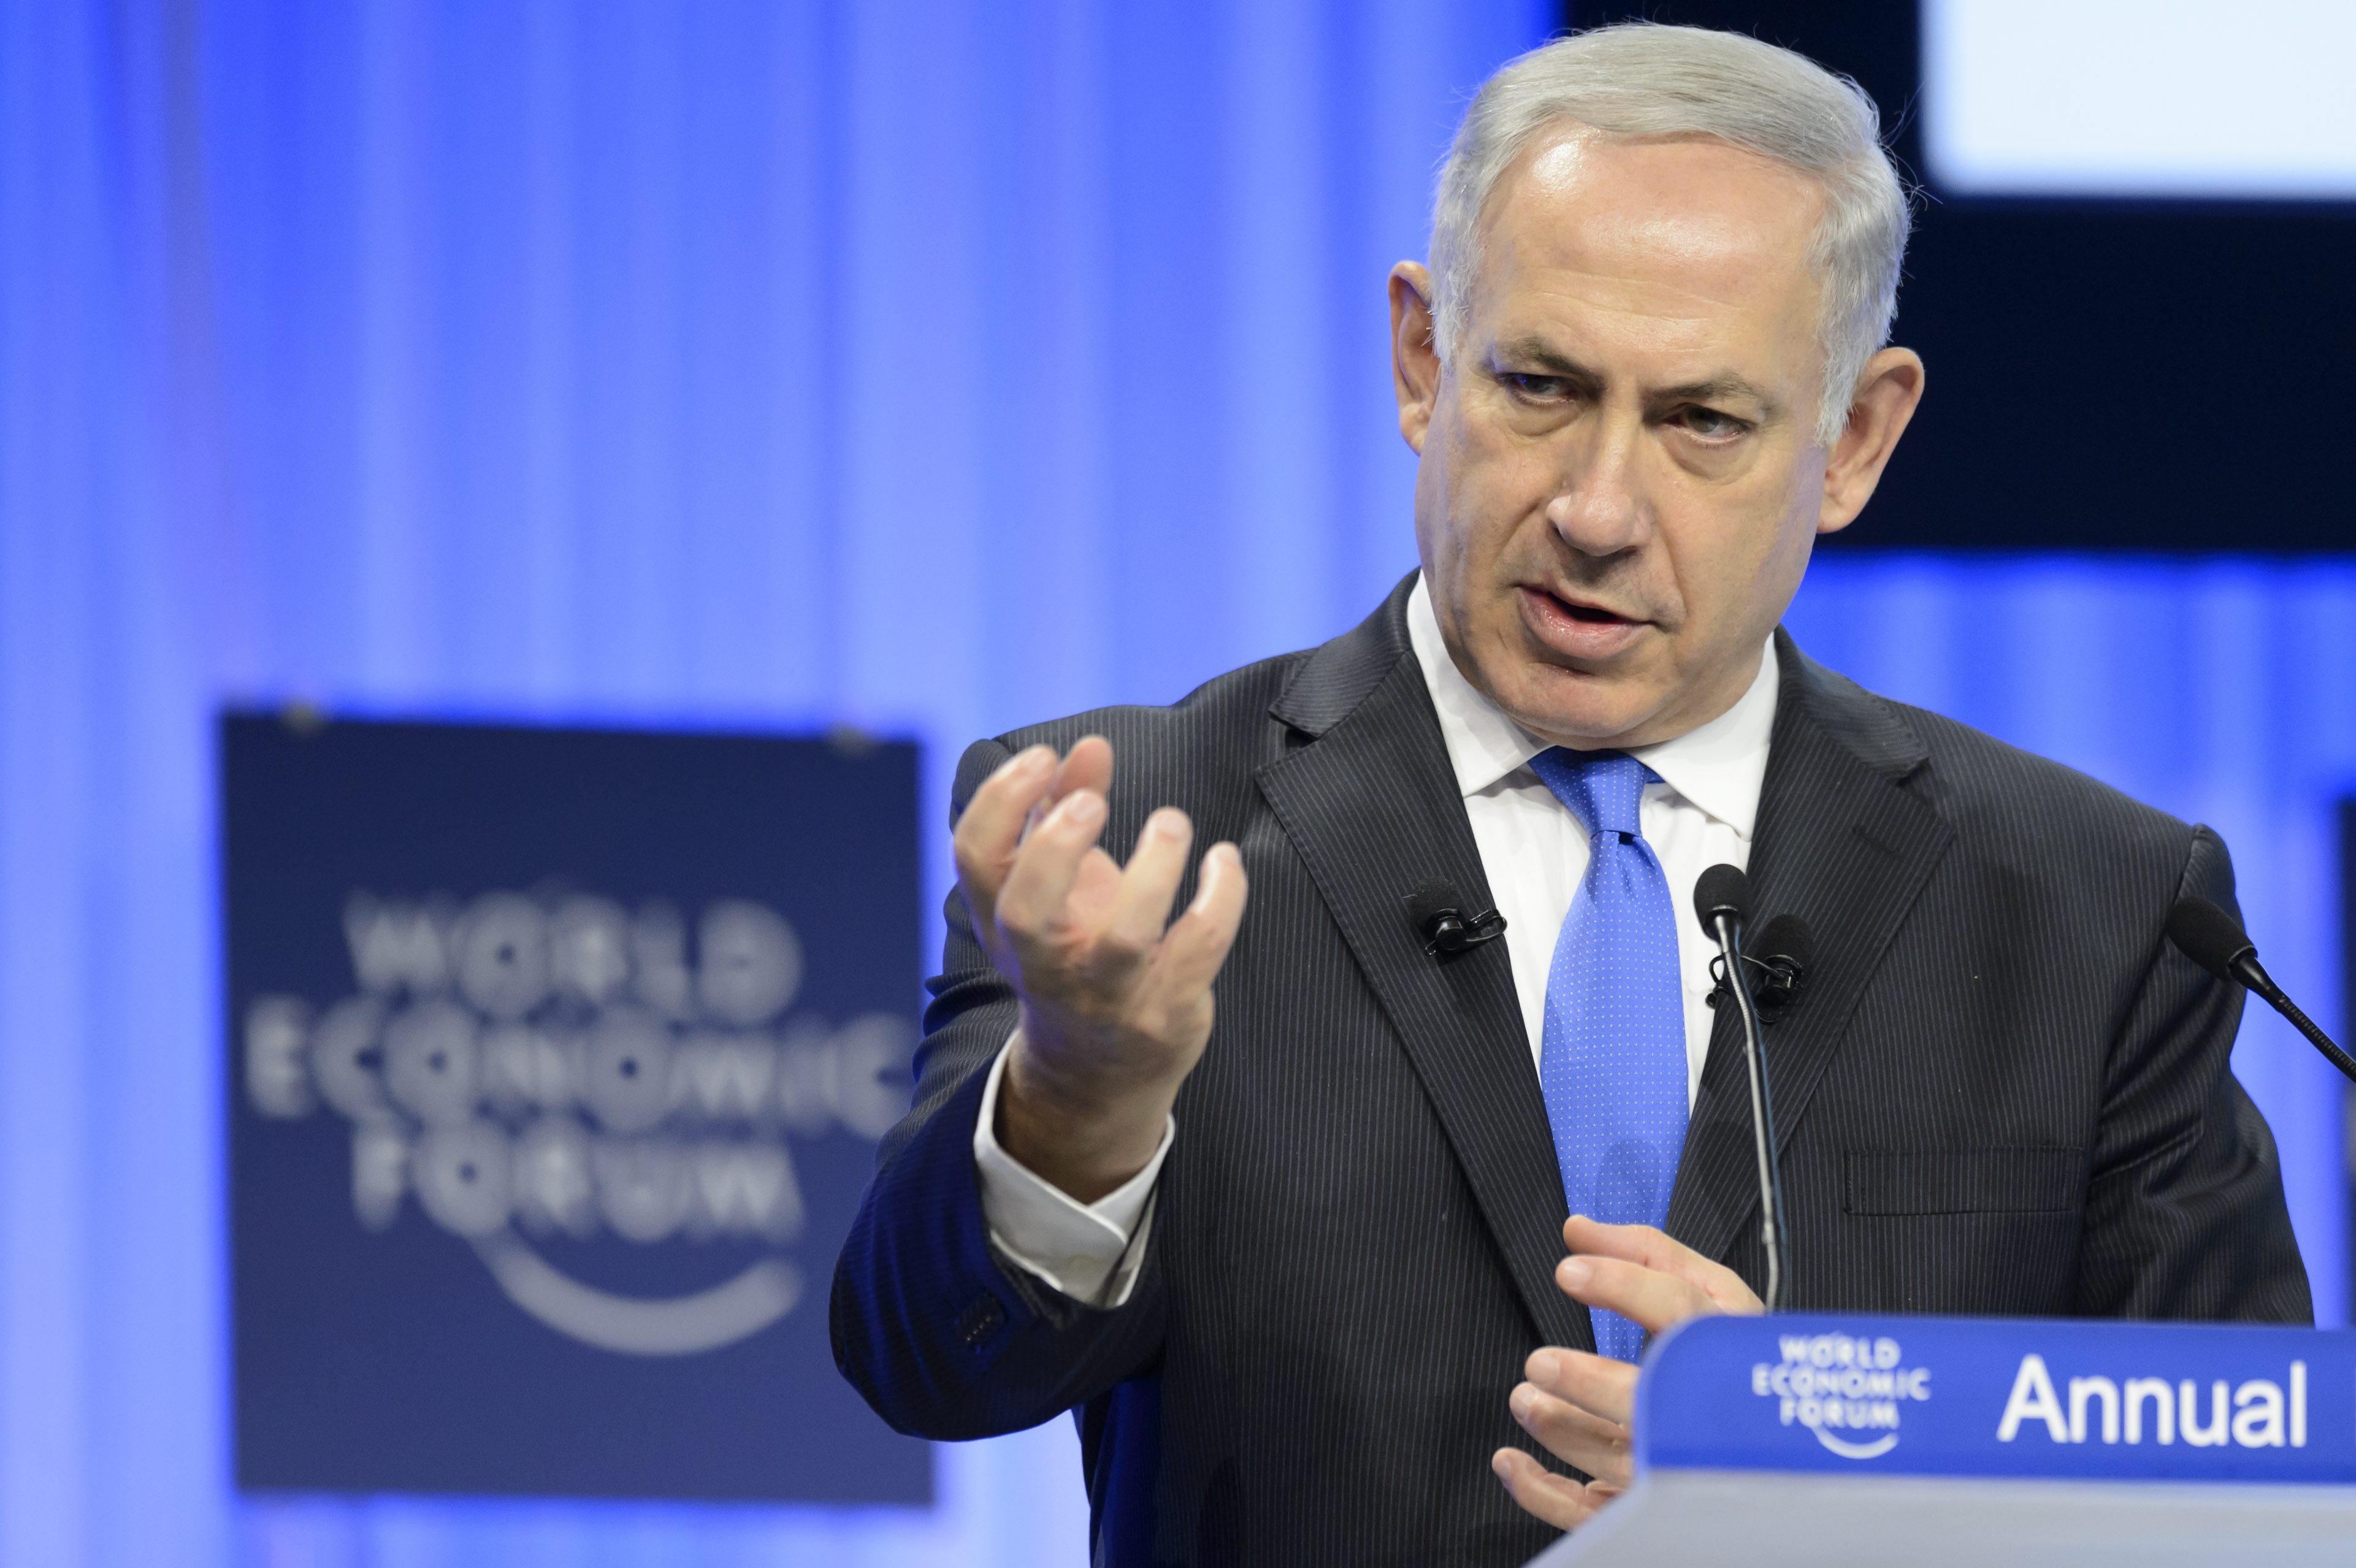 """""""Мы не готовы смириться ни с минометными, ни с ракетными, ни со случайными обстрелами, независимо от того, откуда они были произведены"""", - премьер-министр Израиля Нетаньяху прокомментировал вчерашний удар по армии Асада-Путина в Сирии"""